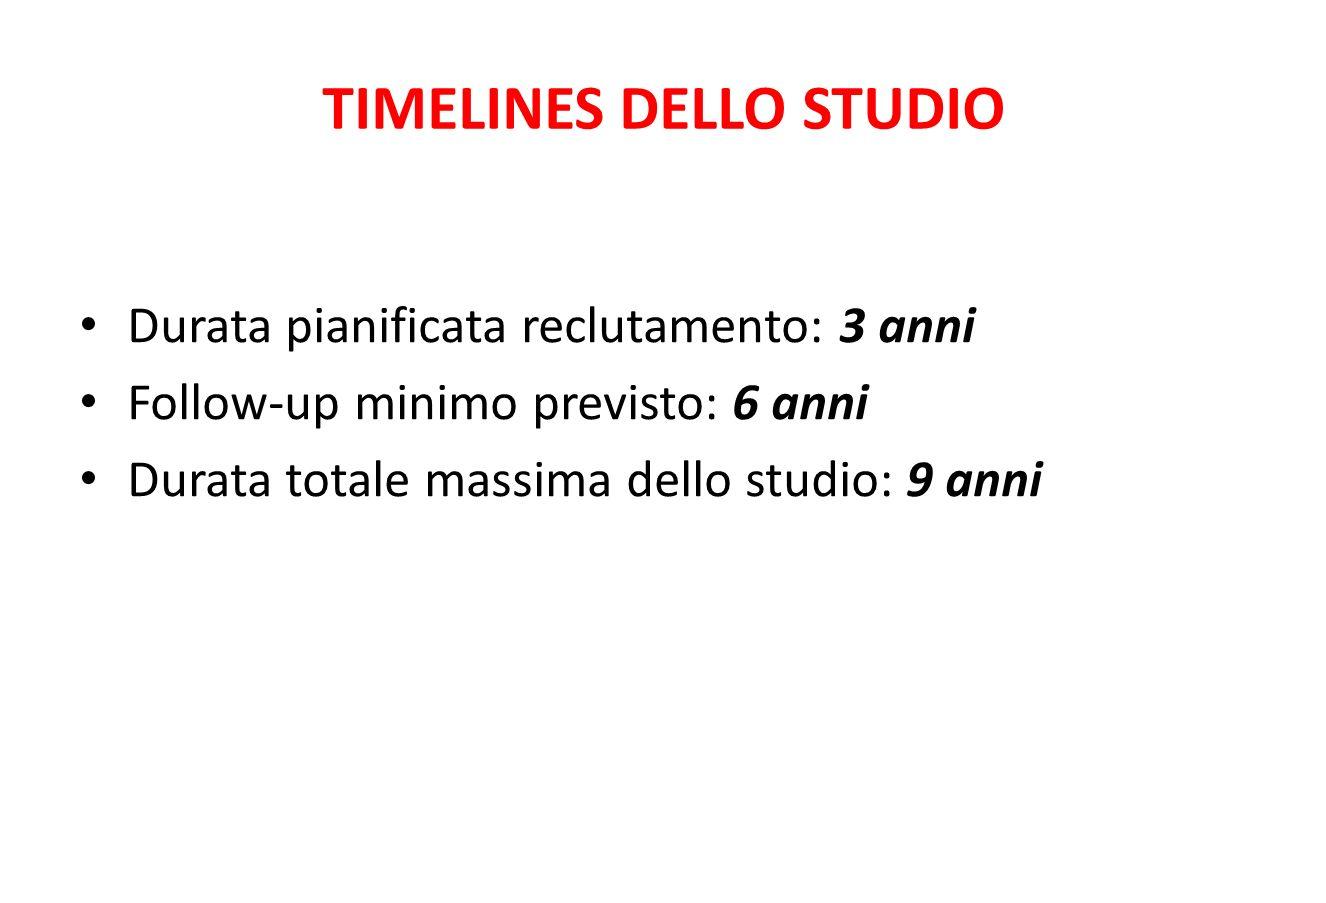 TIMELINES DELLO STUDIO